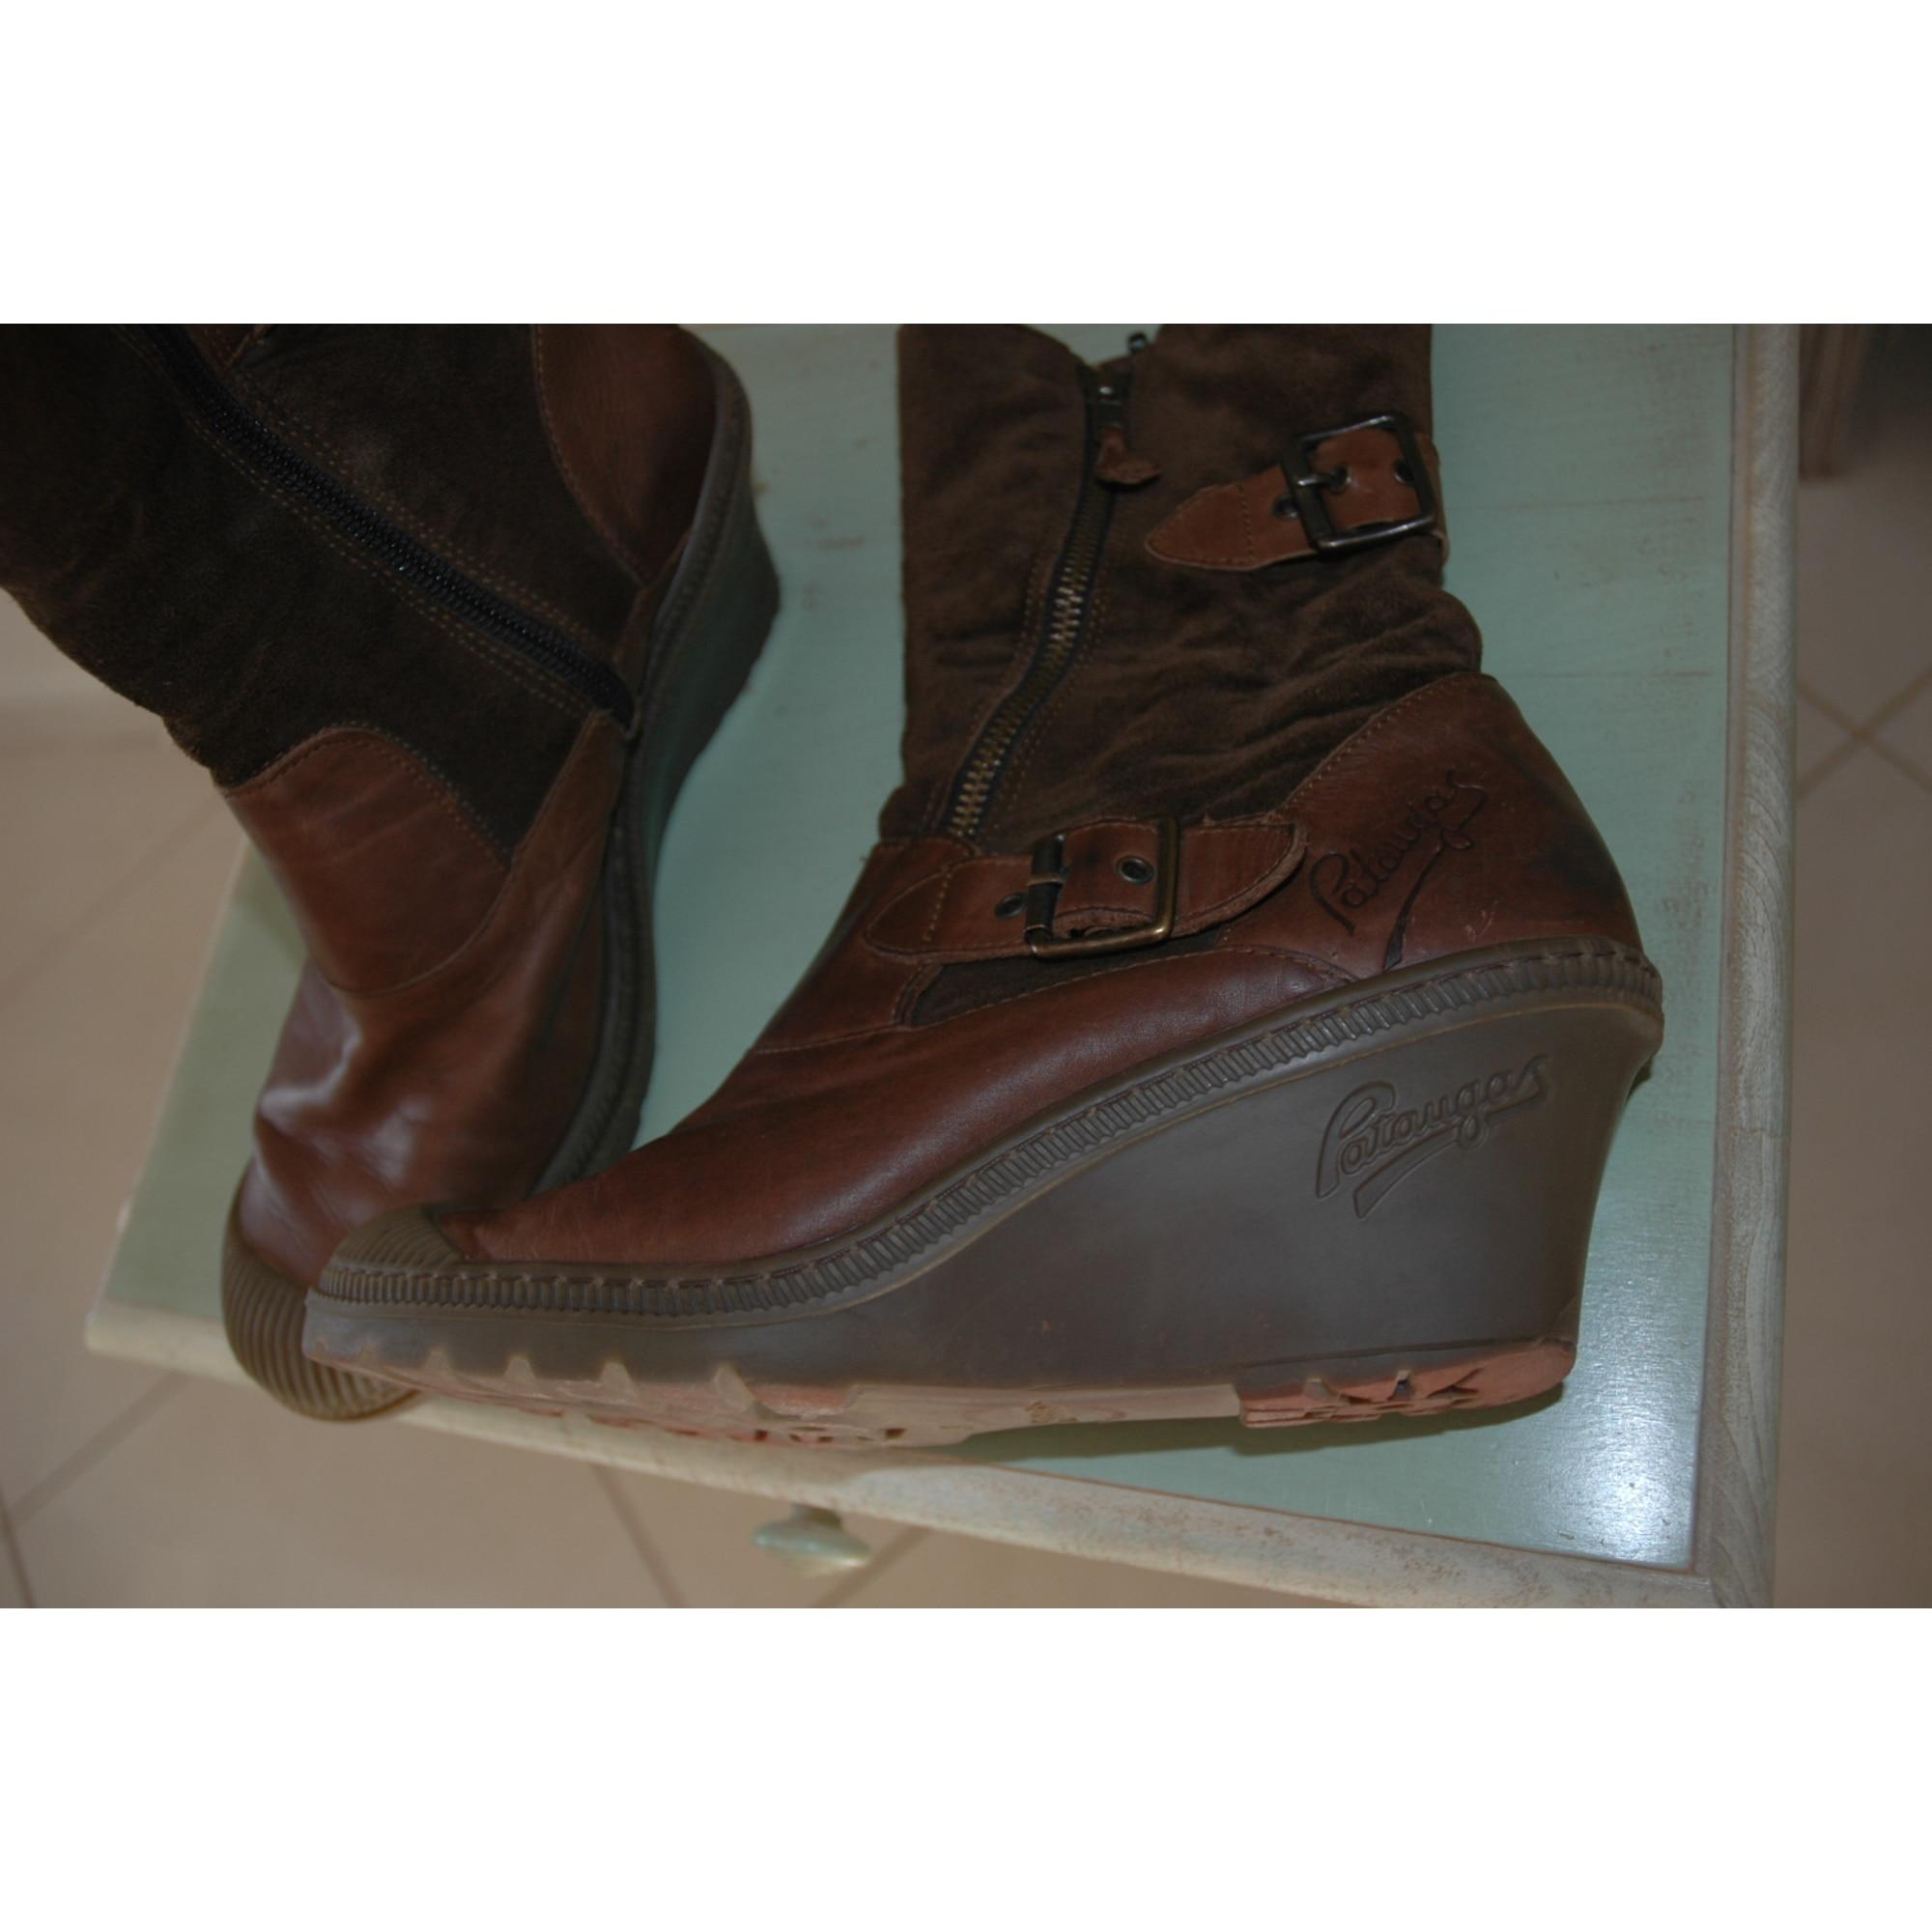 À Compensés Low Boots Bottinesamp; N8wvmn0O